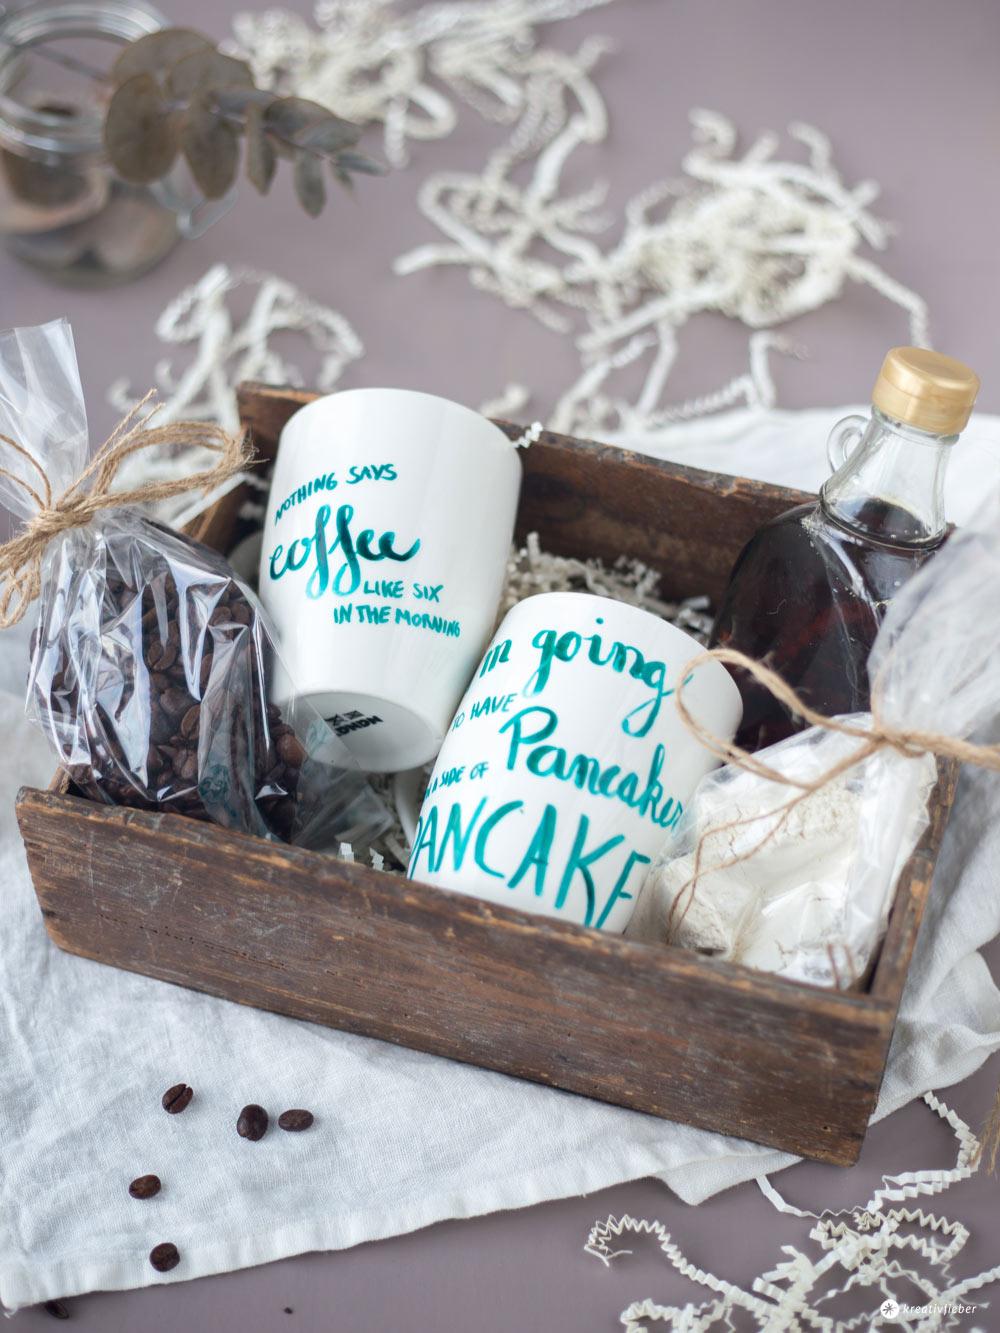 Gilmore Girls Geschenkset mit Handlettering Tassen - Geschenkideen für Serienfans - Gilmore Girls Frühstückskorb